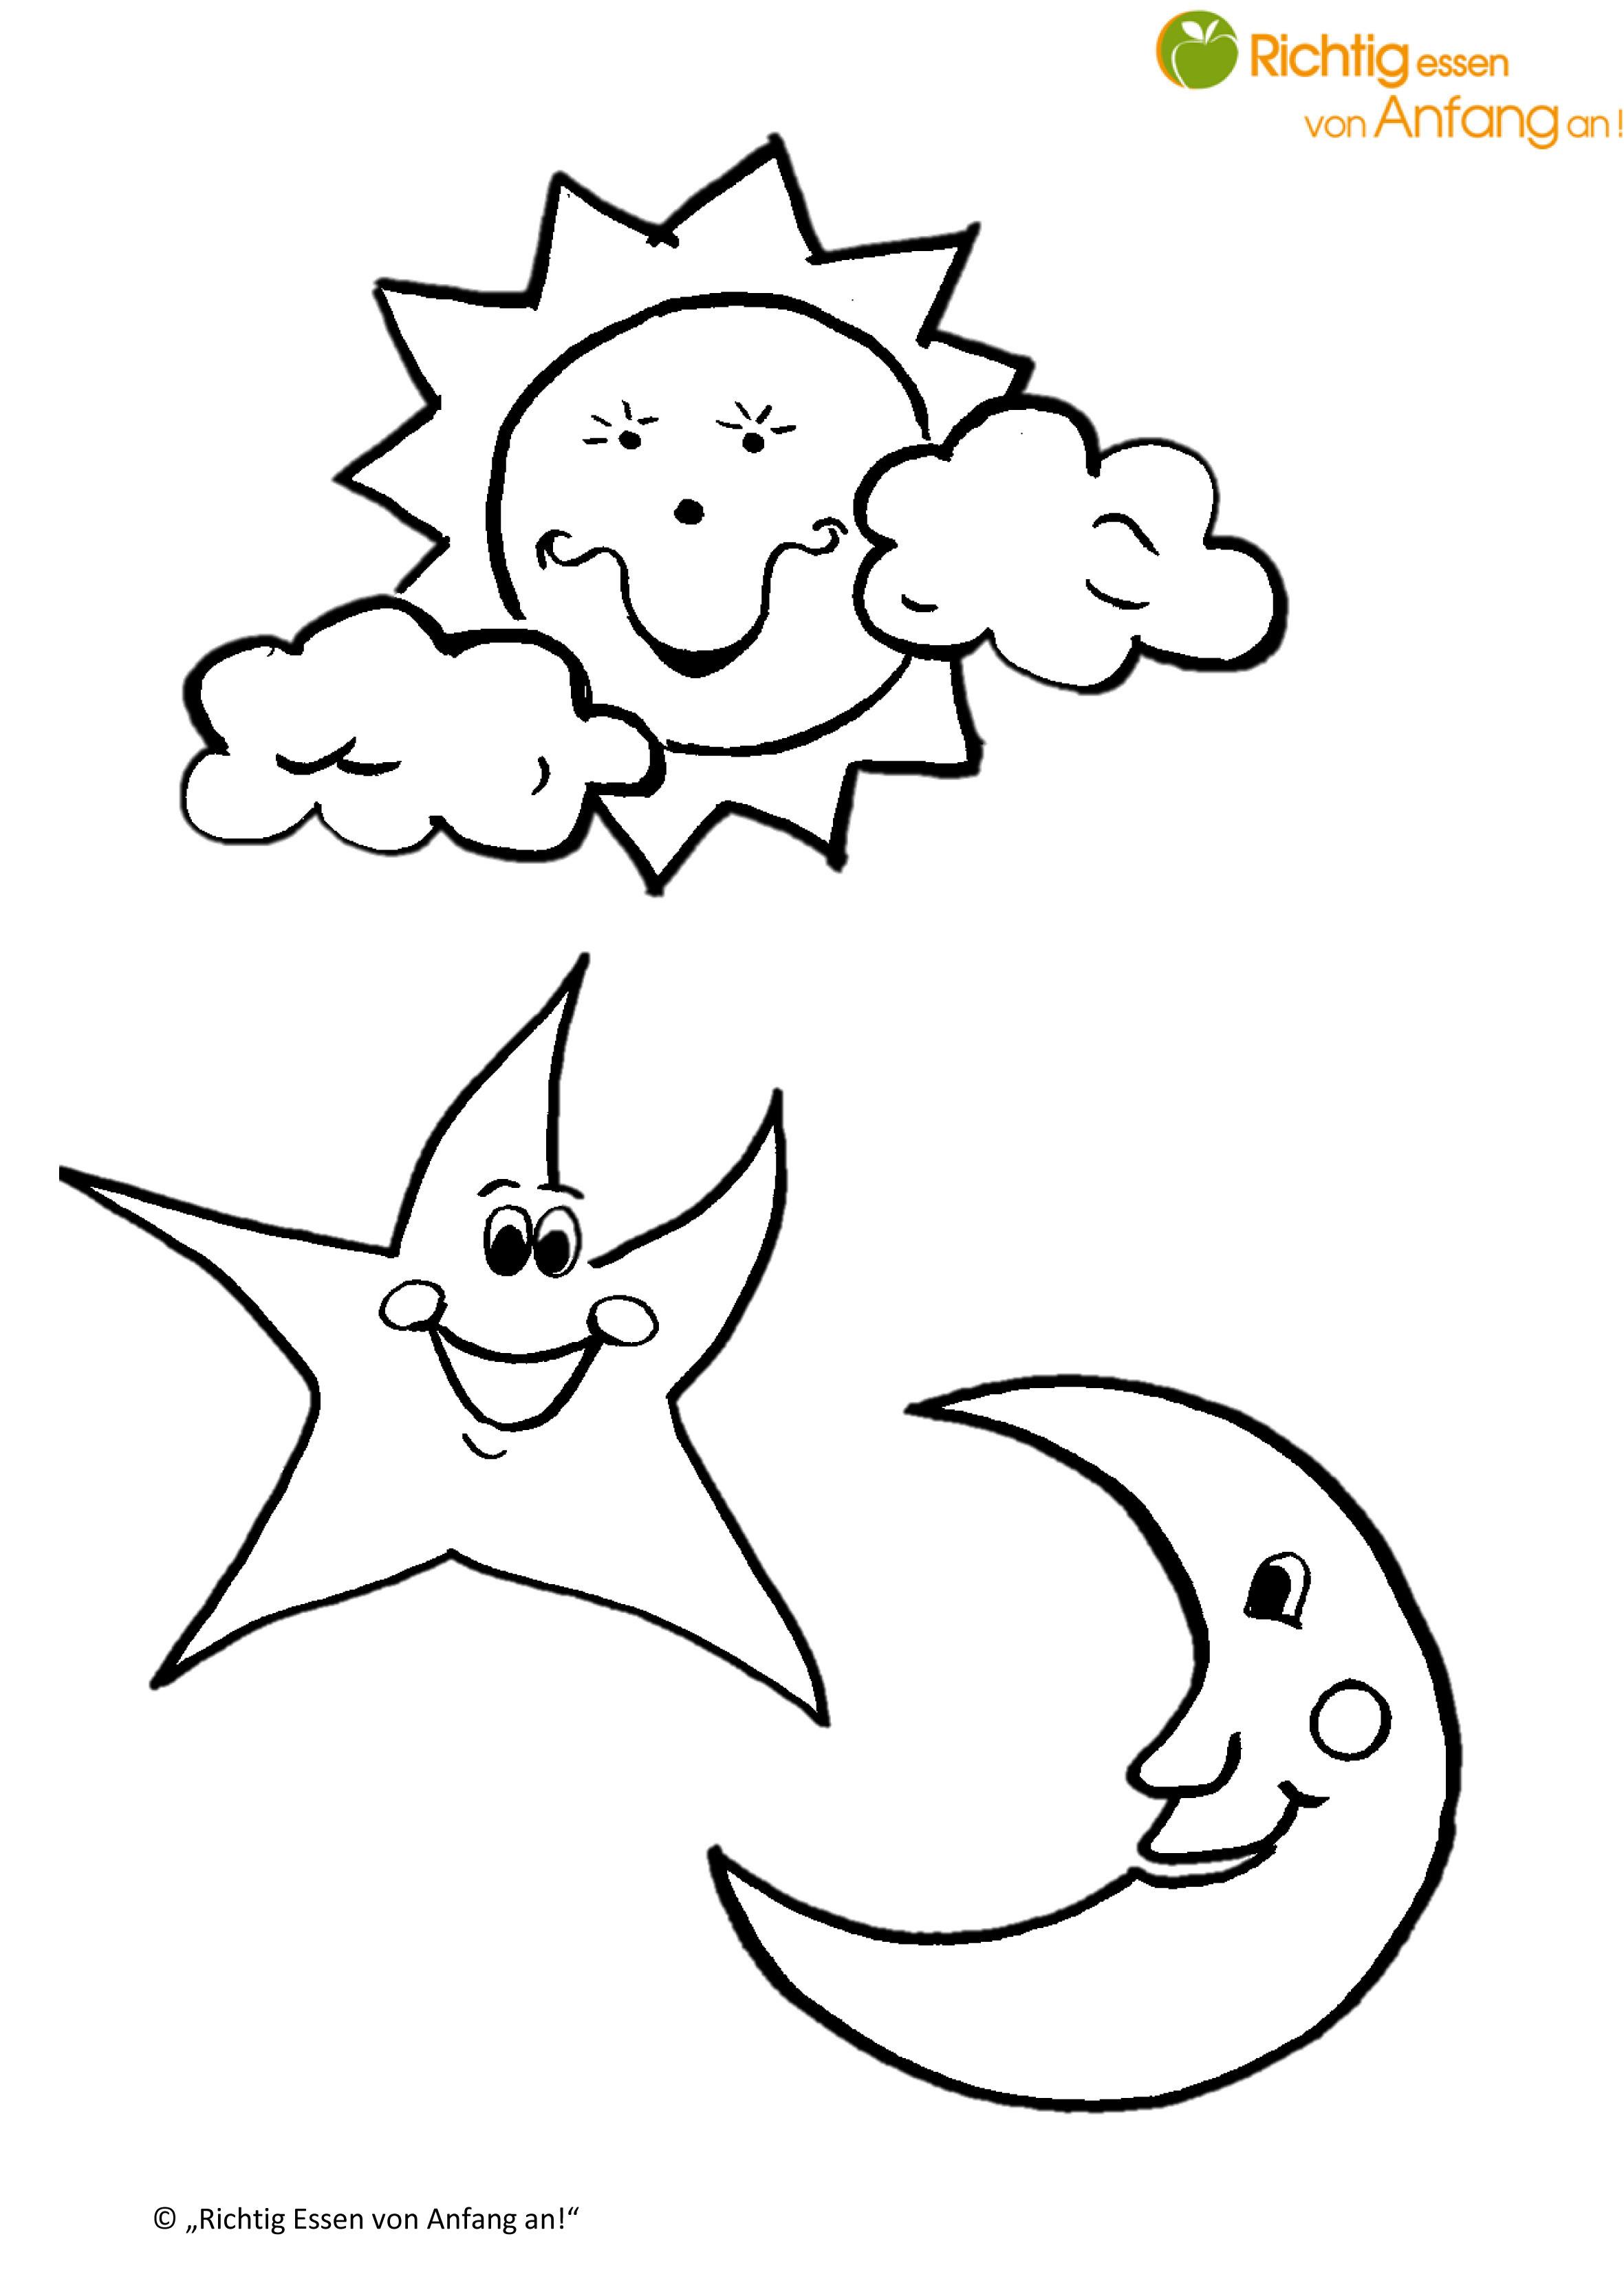 Pokemon Ausmalbilder sonne Und Mond Neu 38 Mond Und Sterne Ausmalbilder Scoredatscore Einzigartig Pokemon Fotos